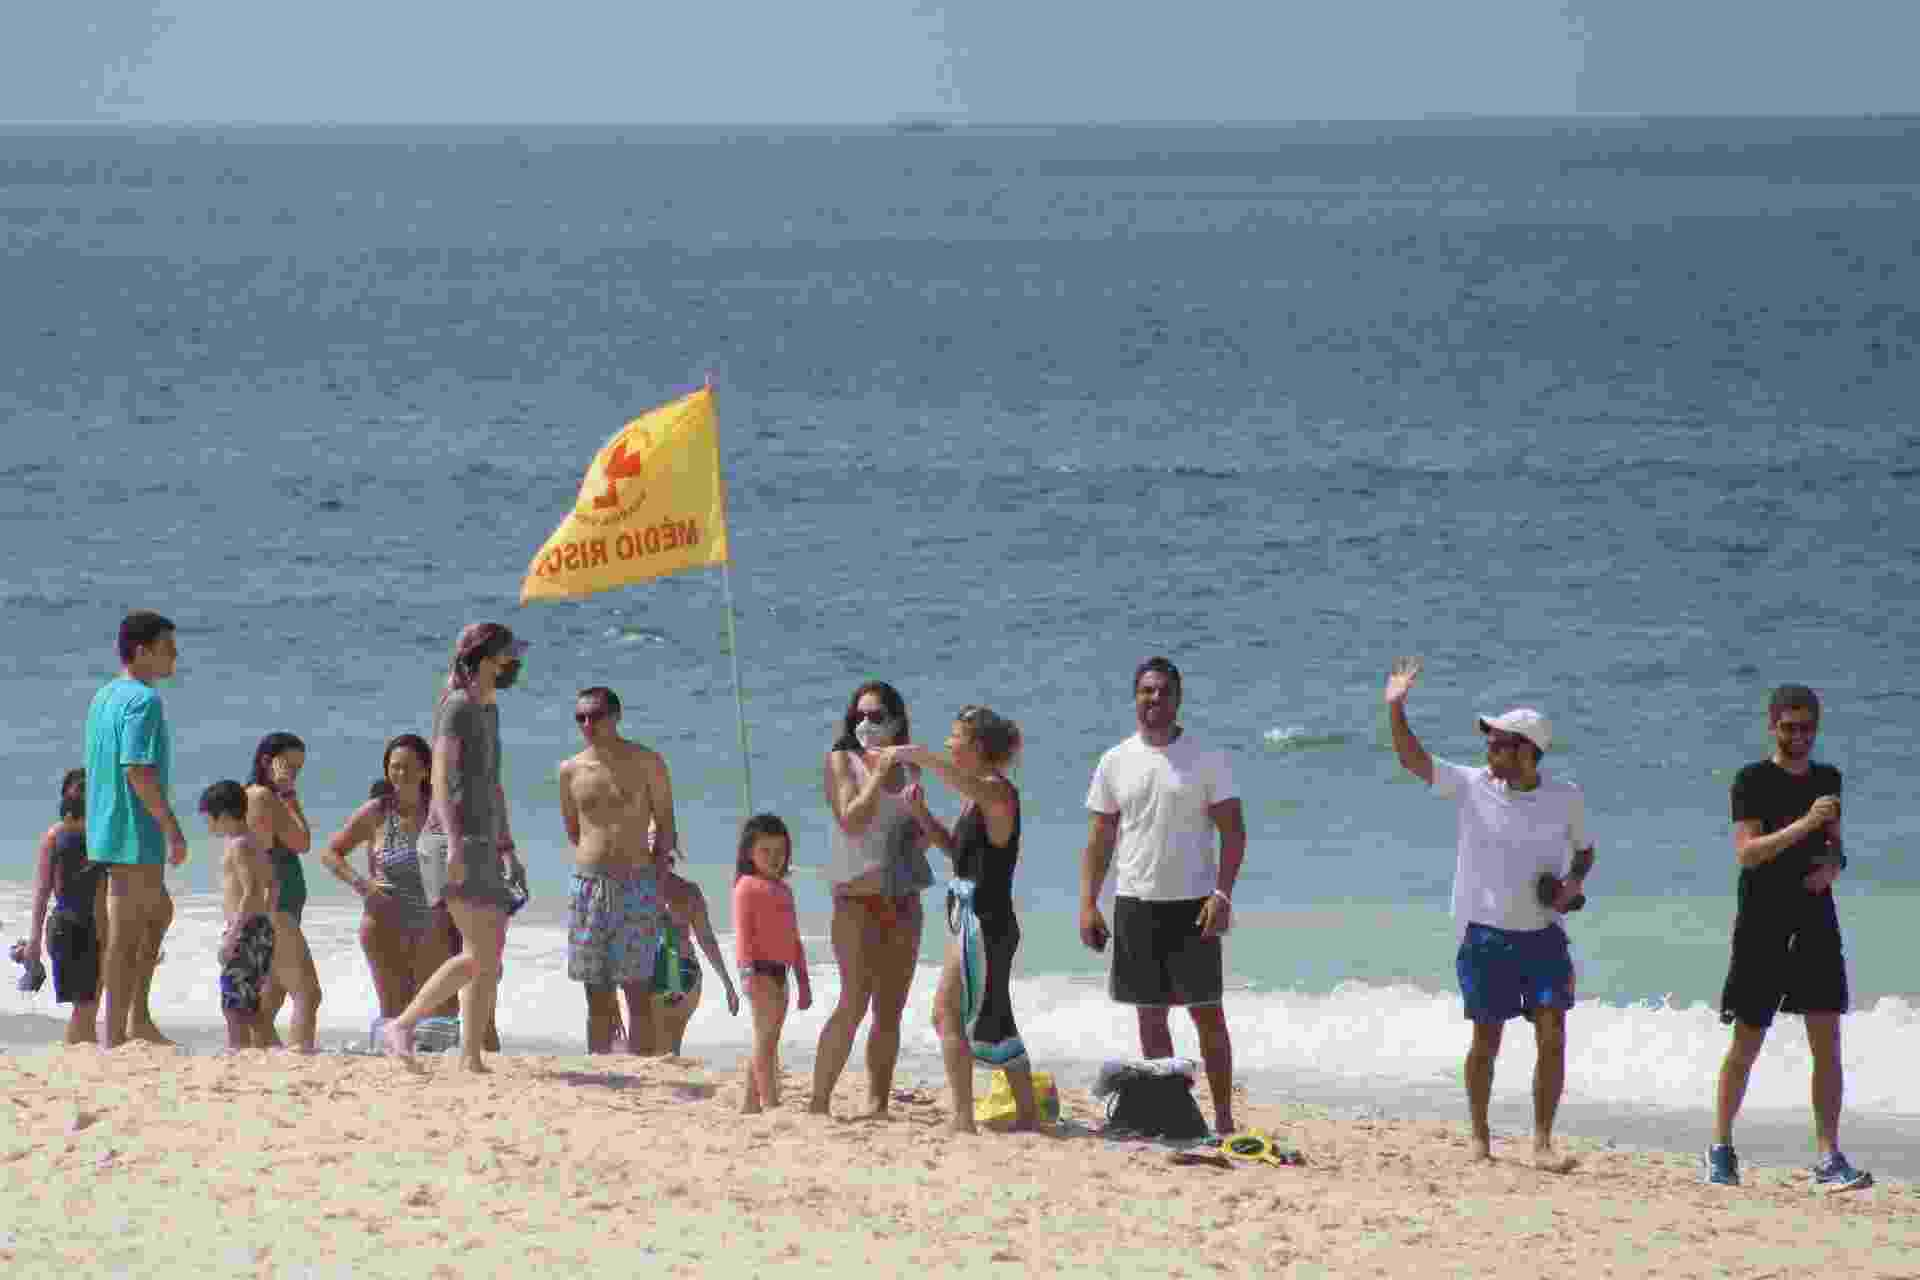 Praias do Rio de Janeiro lotadas em dia de restrição contra a covid-19 - JOAO GABRIEL ALVES/ENQUADRAR/ESTADÃO CONTEÚDO